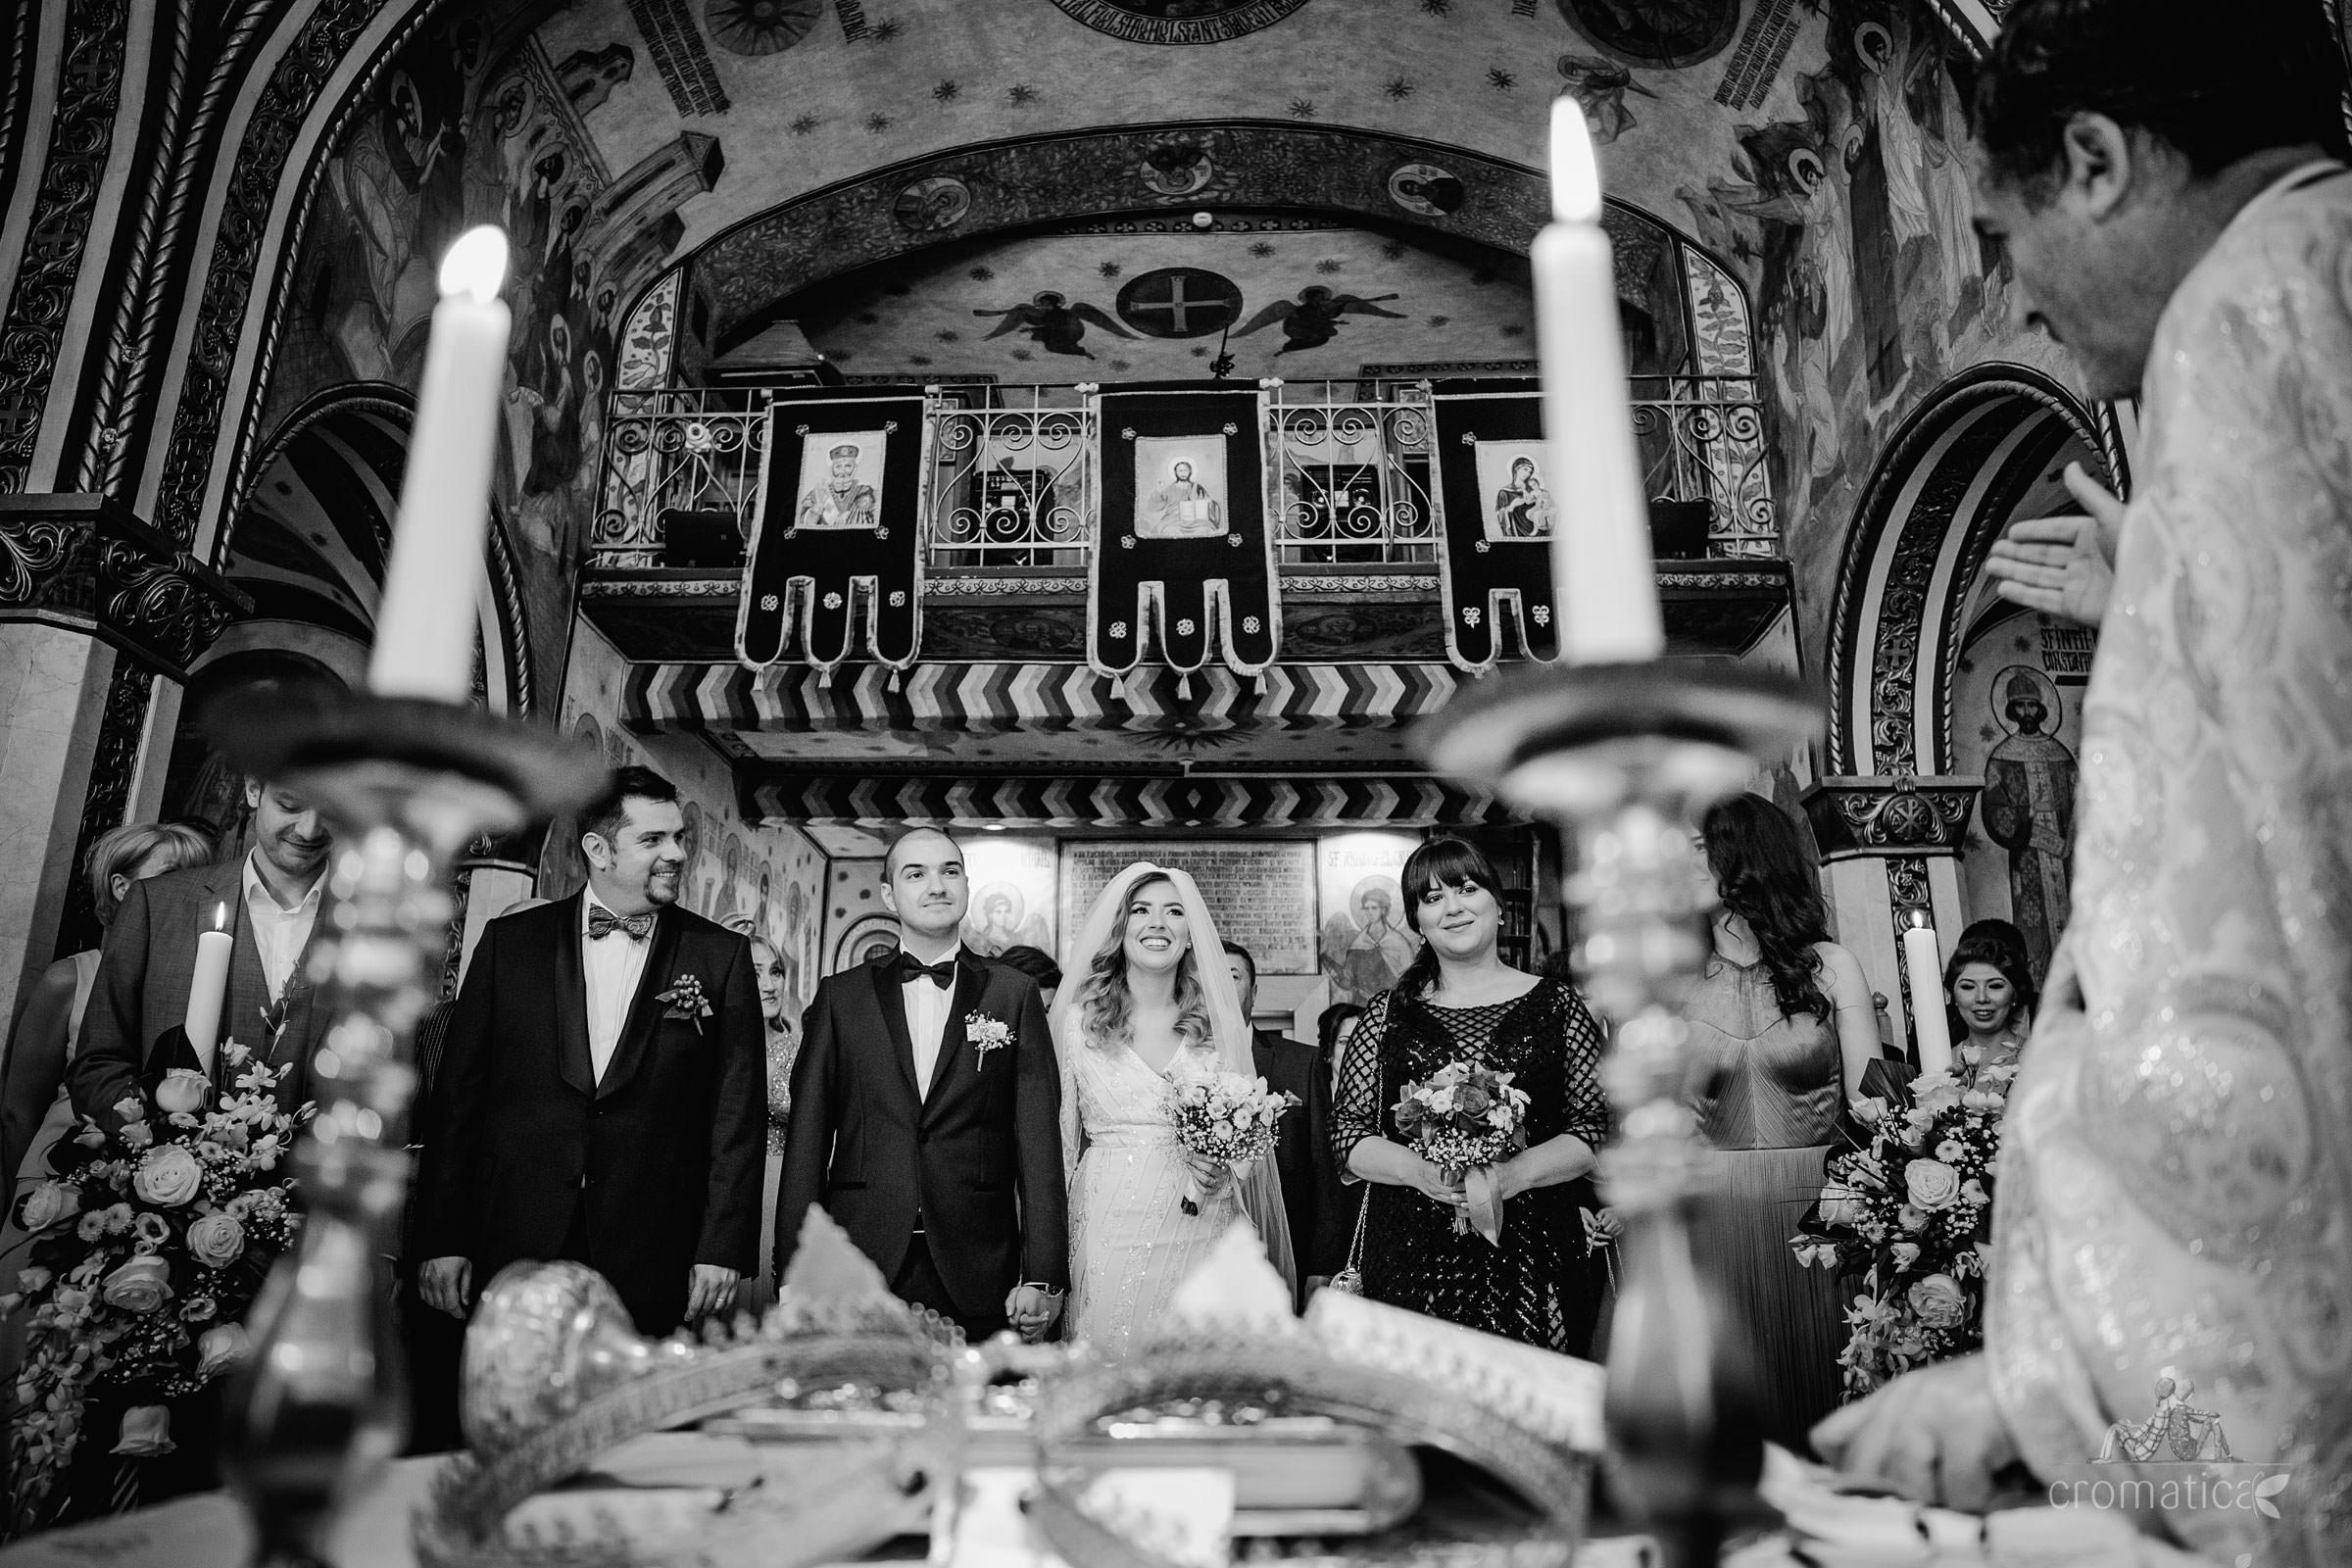 iuliana razvan nunta restaurant diplomat 23